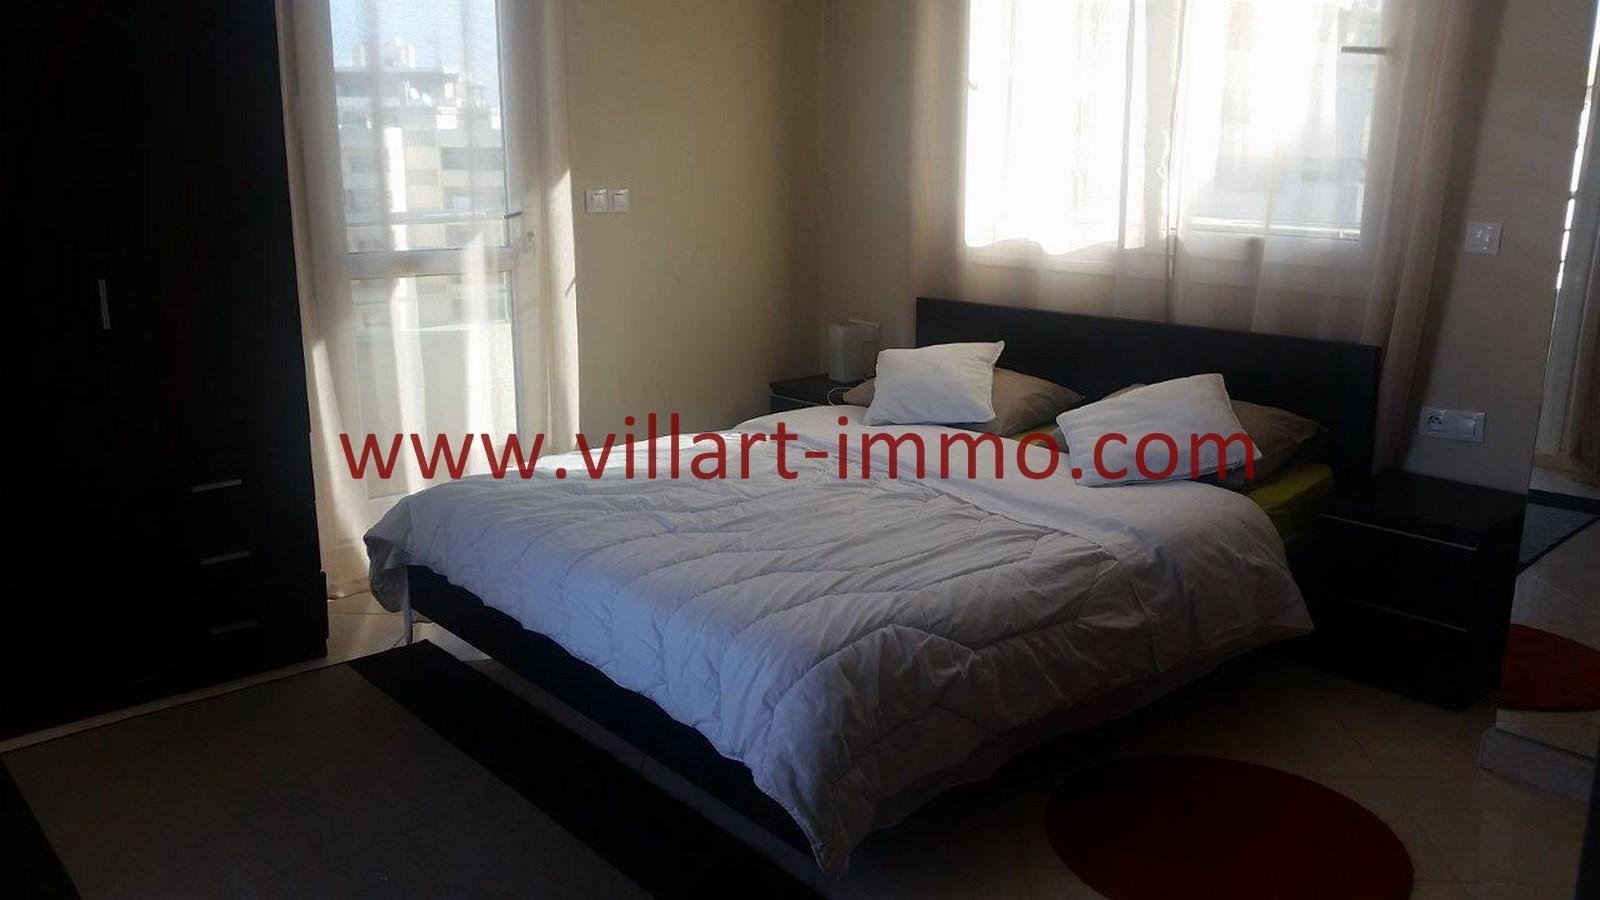 6-A louer-Appartement-Meublé-Tanger-Chambre 1-L911-Villart immo